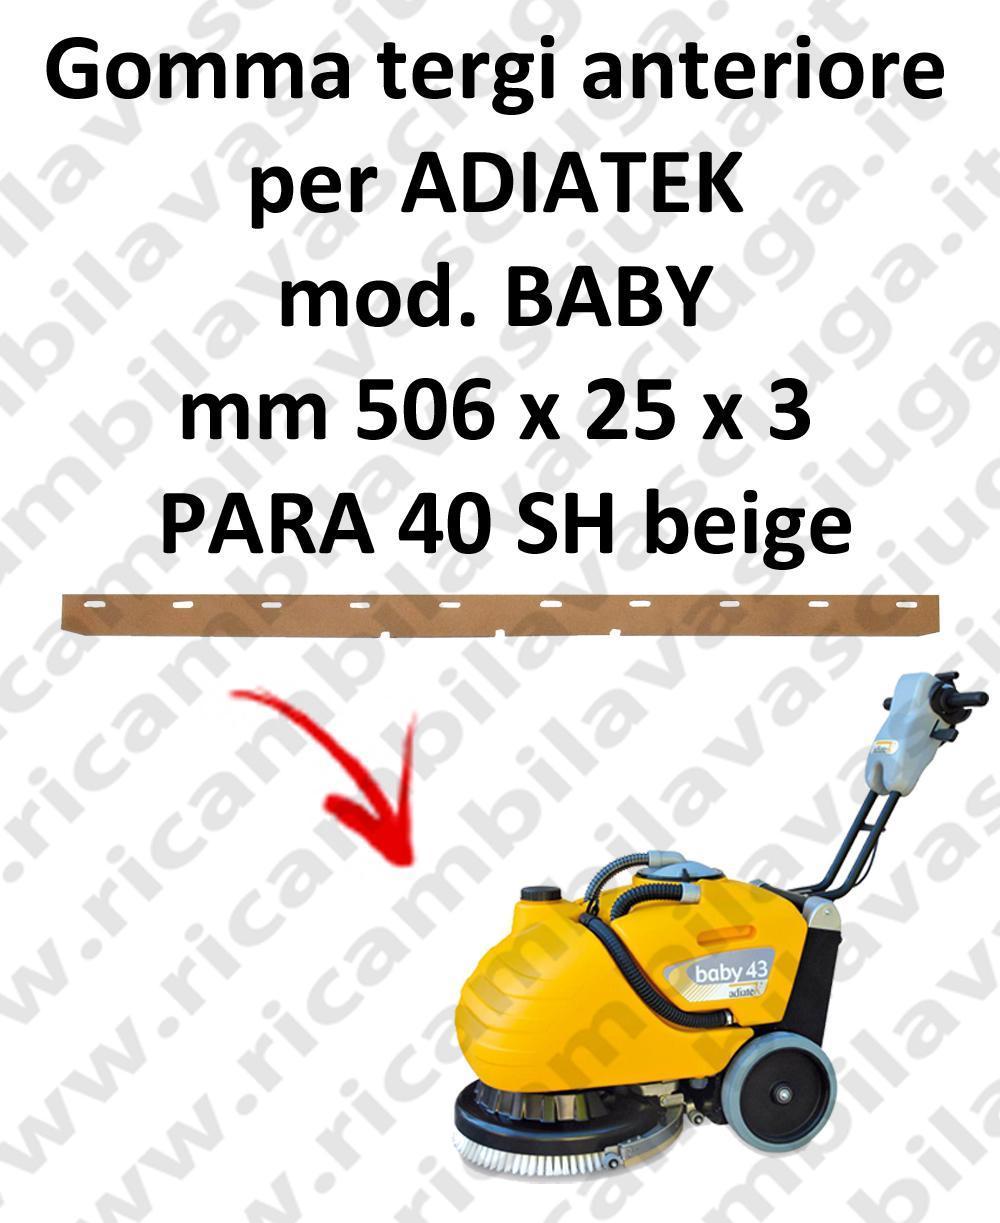 BABY BAVETTE AVANT pour autolaveuses ADIATEK